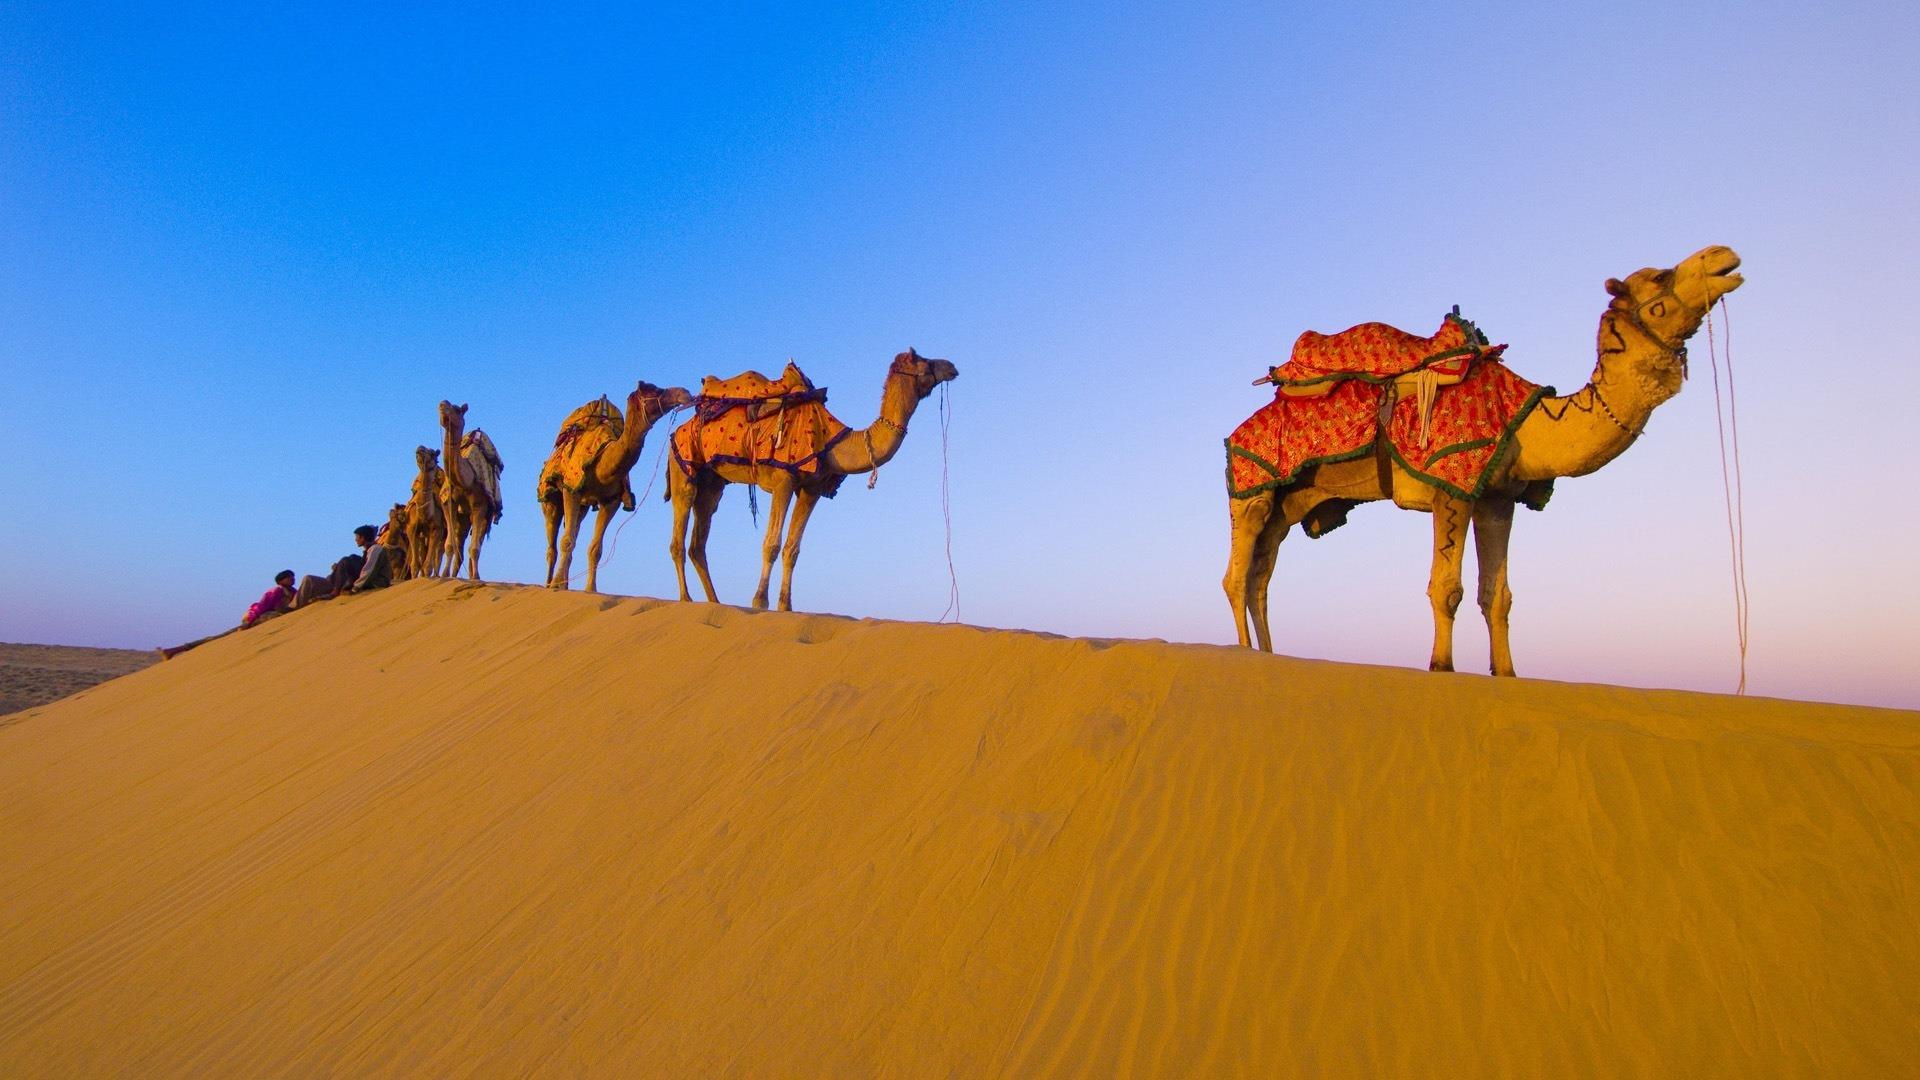 Camel widescreen